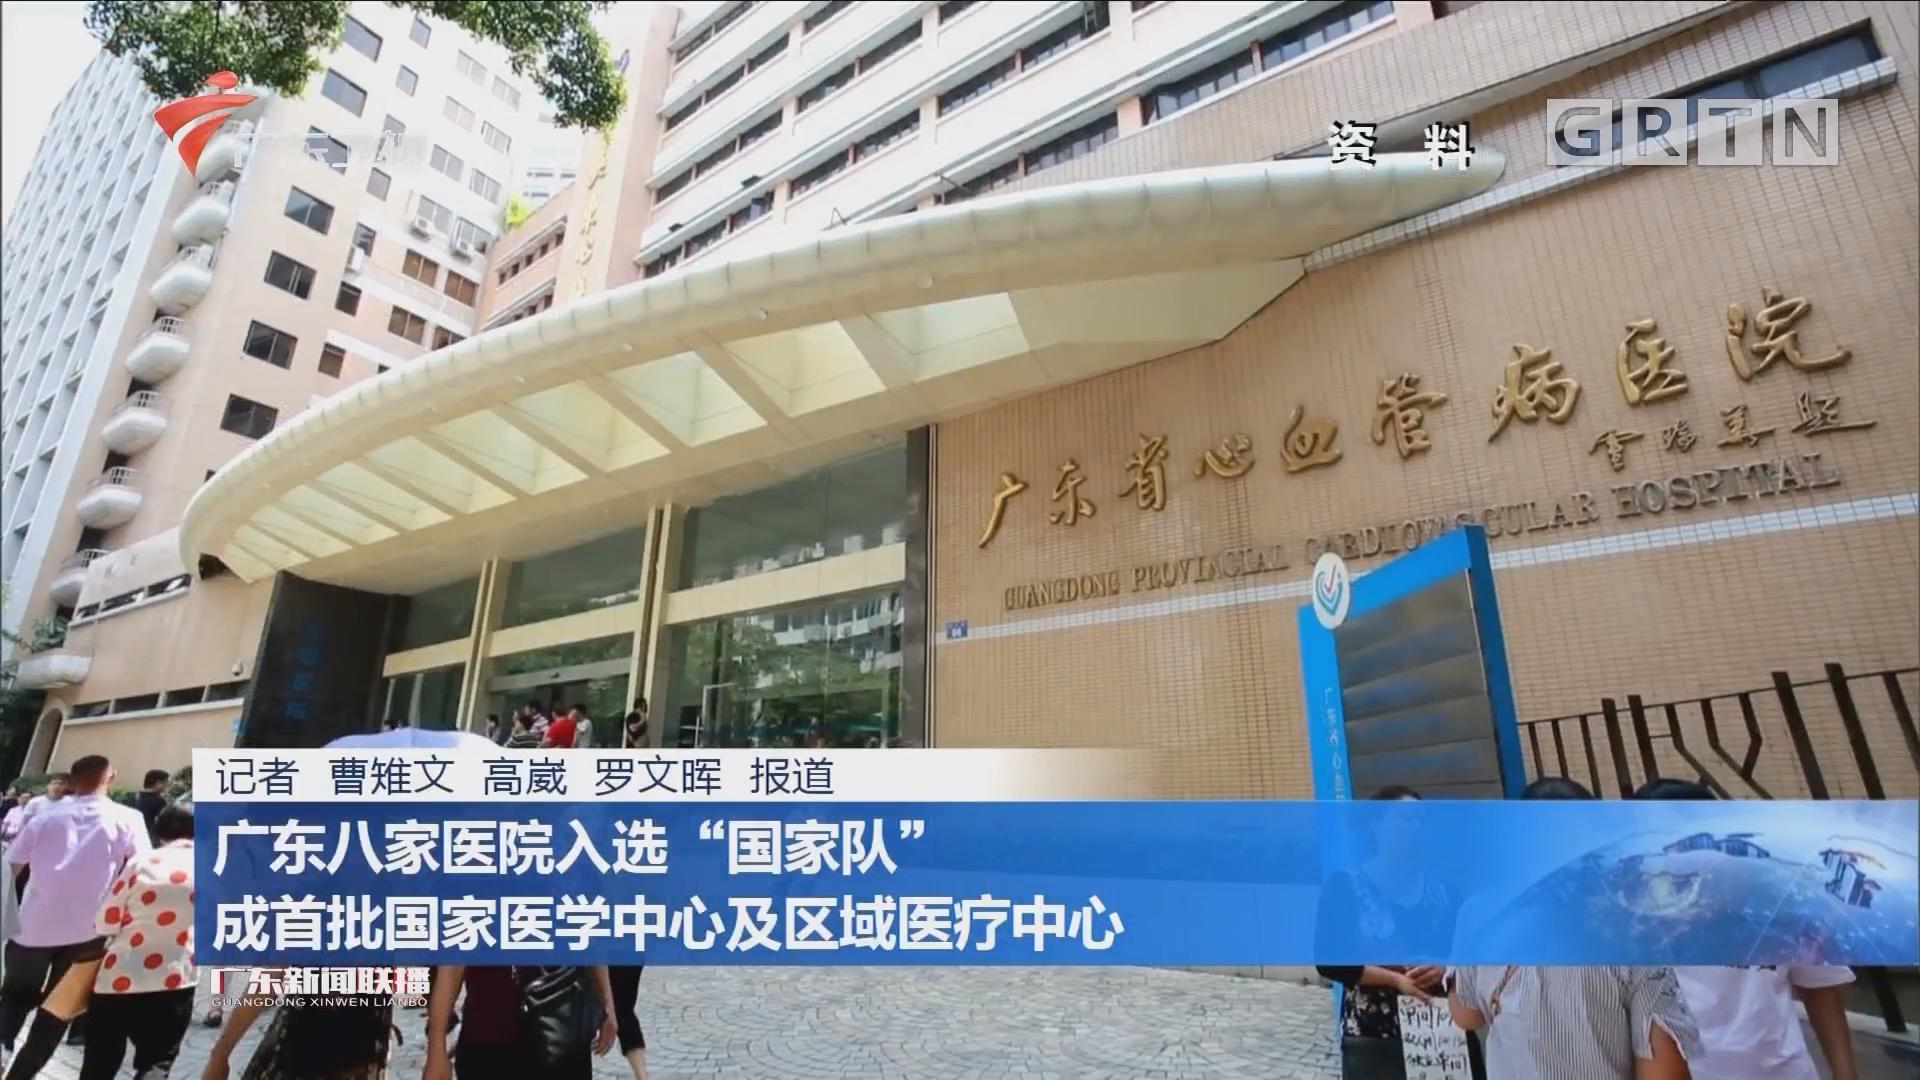 """广东八家医院入选""""国家队"""" 成首批国家医学中心及区域医疗中心"""